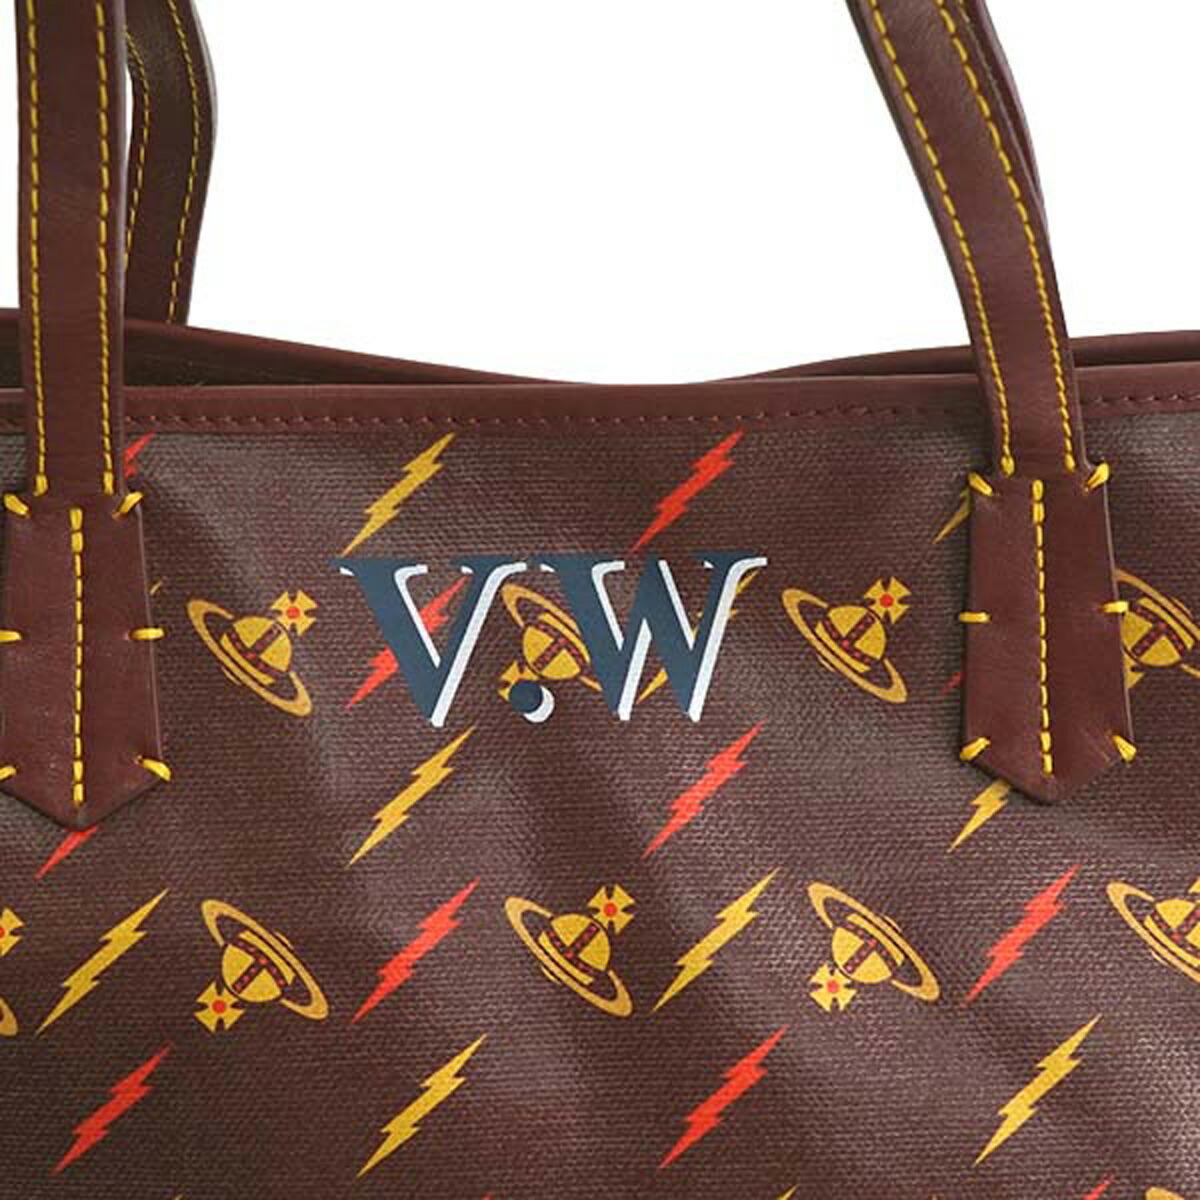 ヴィヴィアン トートバッグ 大きめ 旅行バッグ